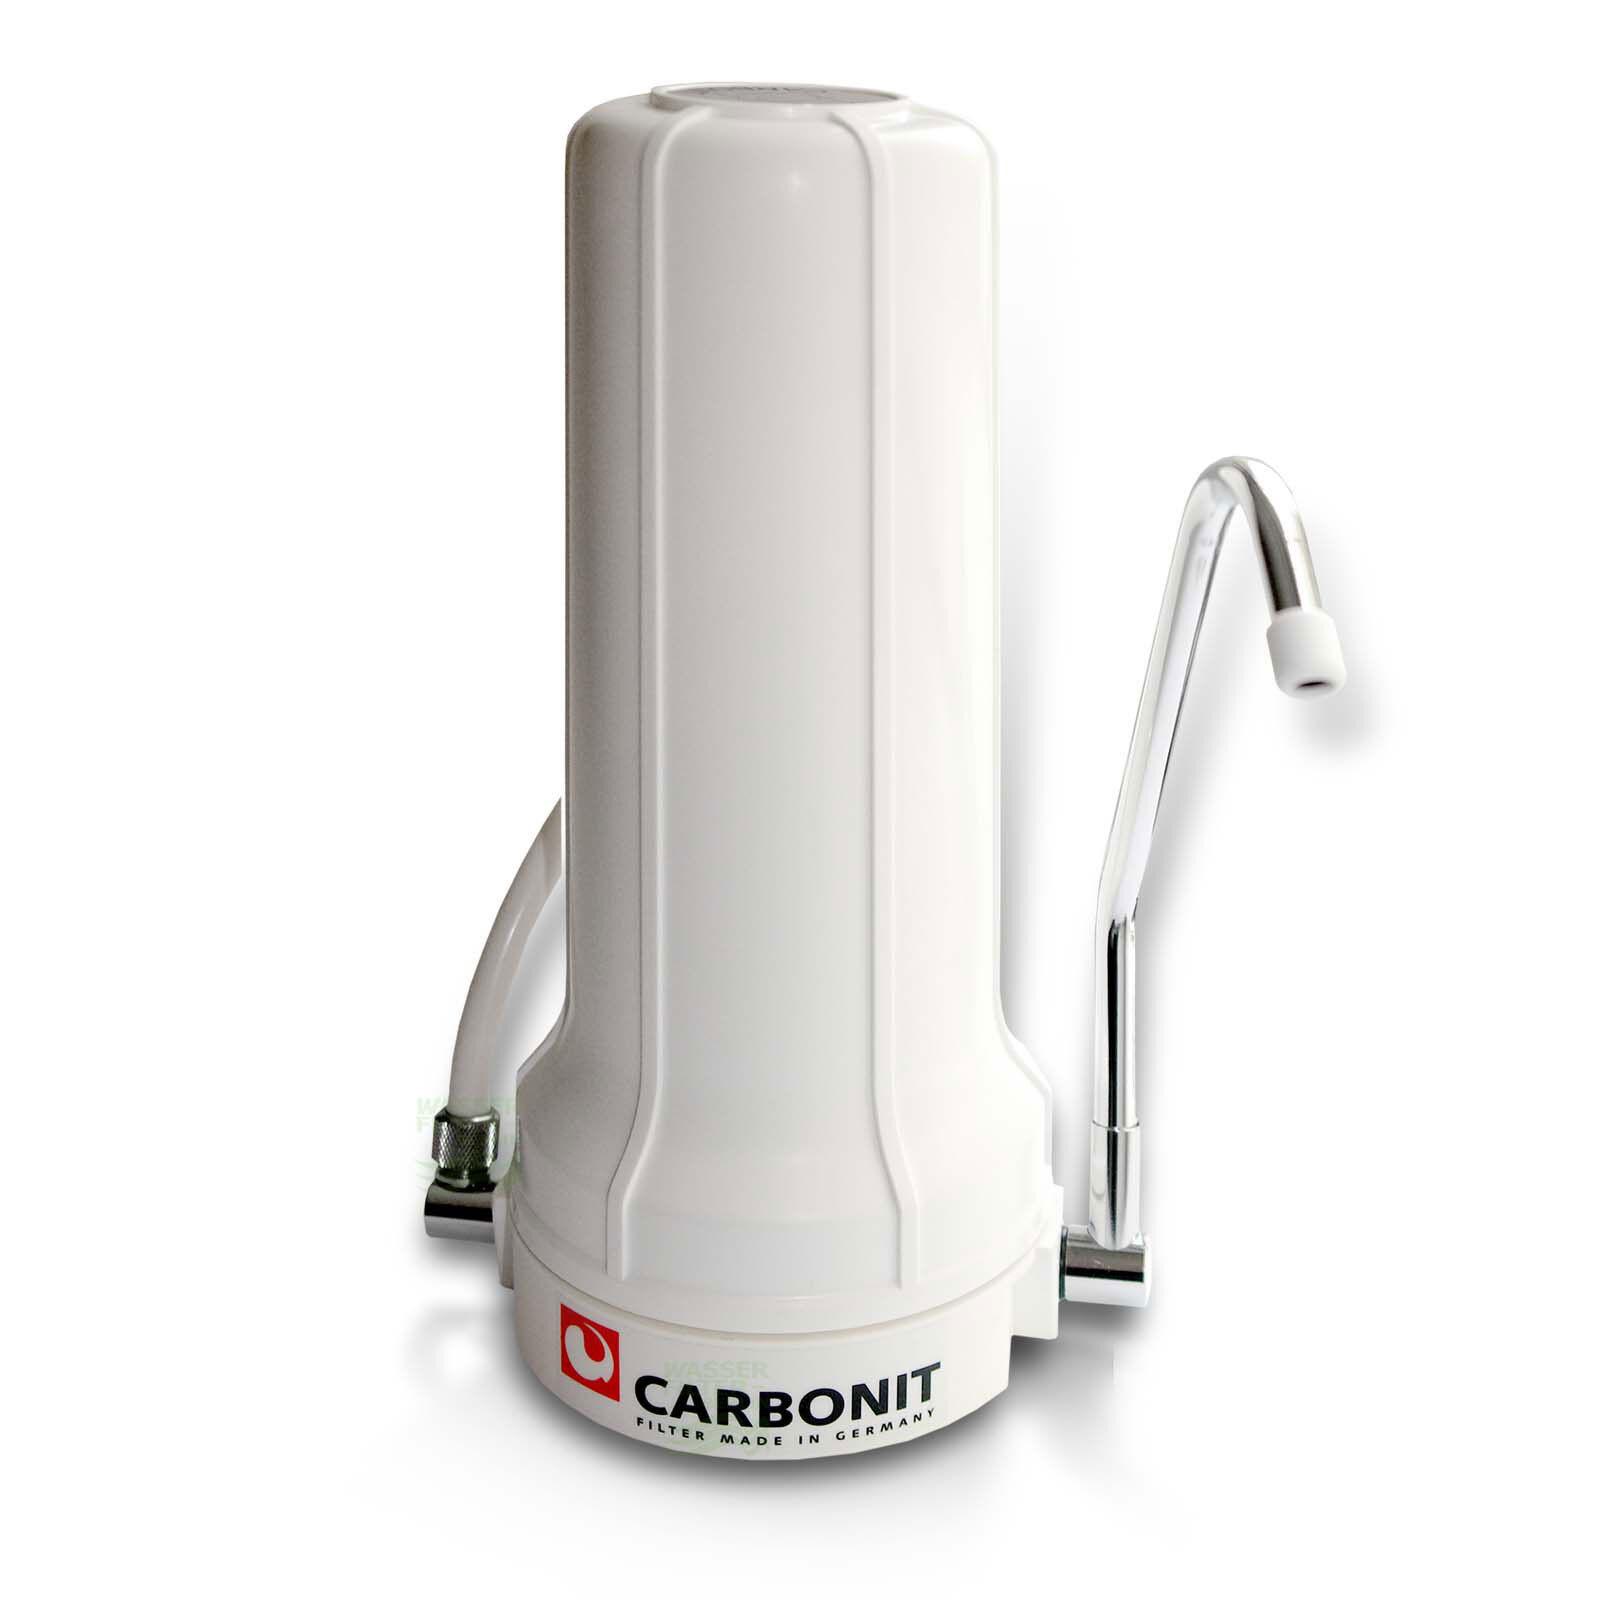 Sanuno Filtro Acqua Carbonit Filtro Acqua Desktop